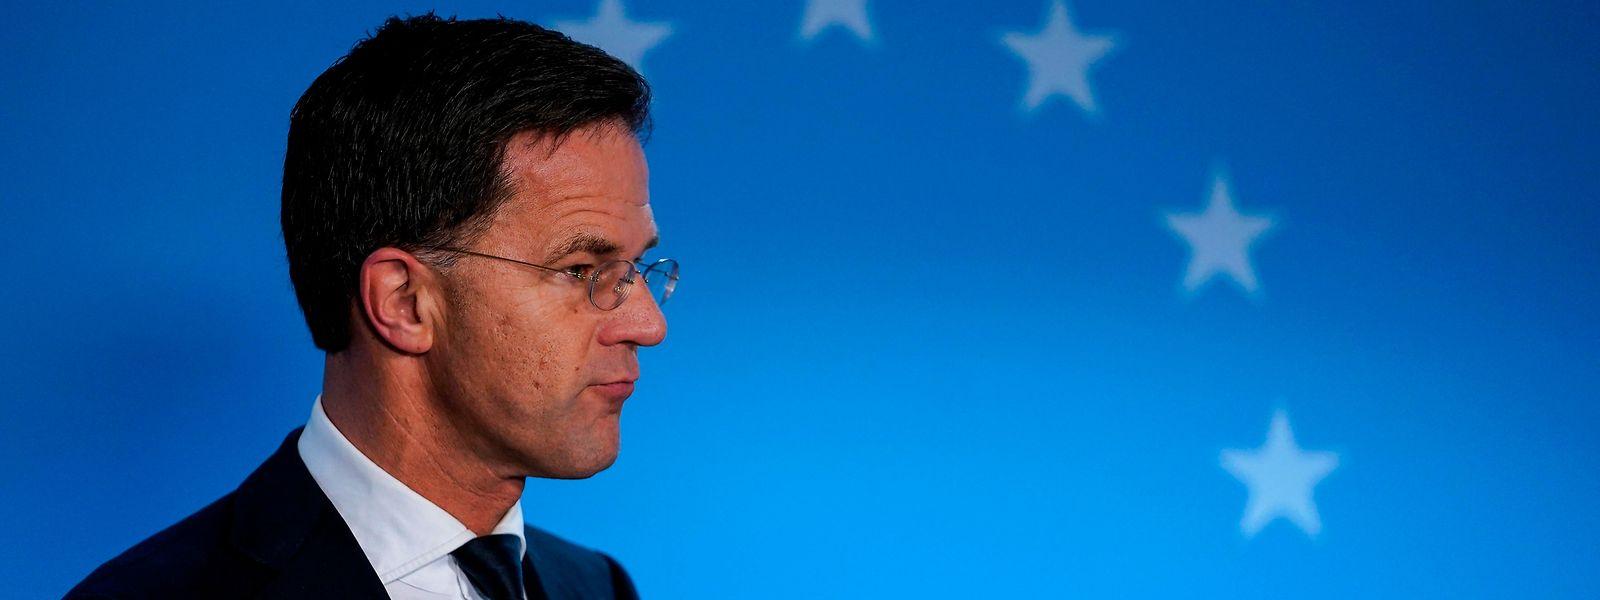 Dass mittlerweile sogar Zentristen wie der niederländische Premier Mark Rutte sich mit populistischen Vereinfachungen zufriedengeben, ist besorgniserregend: